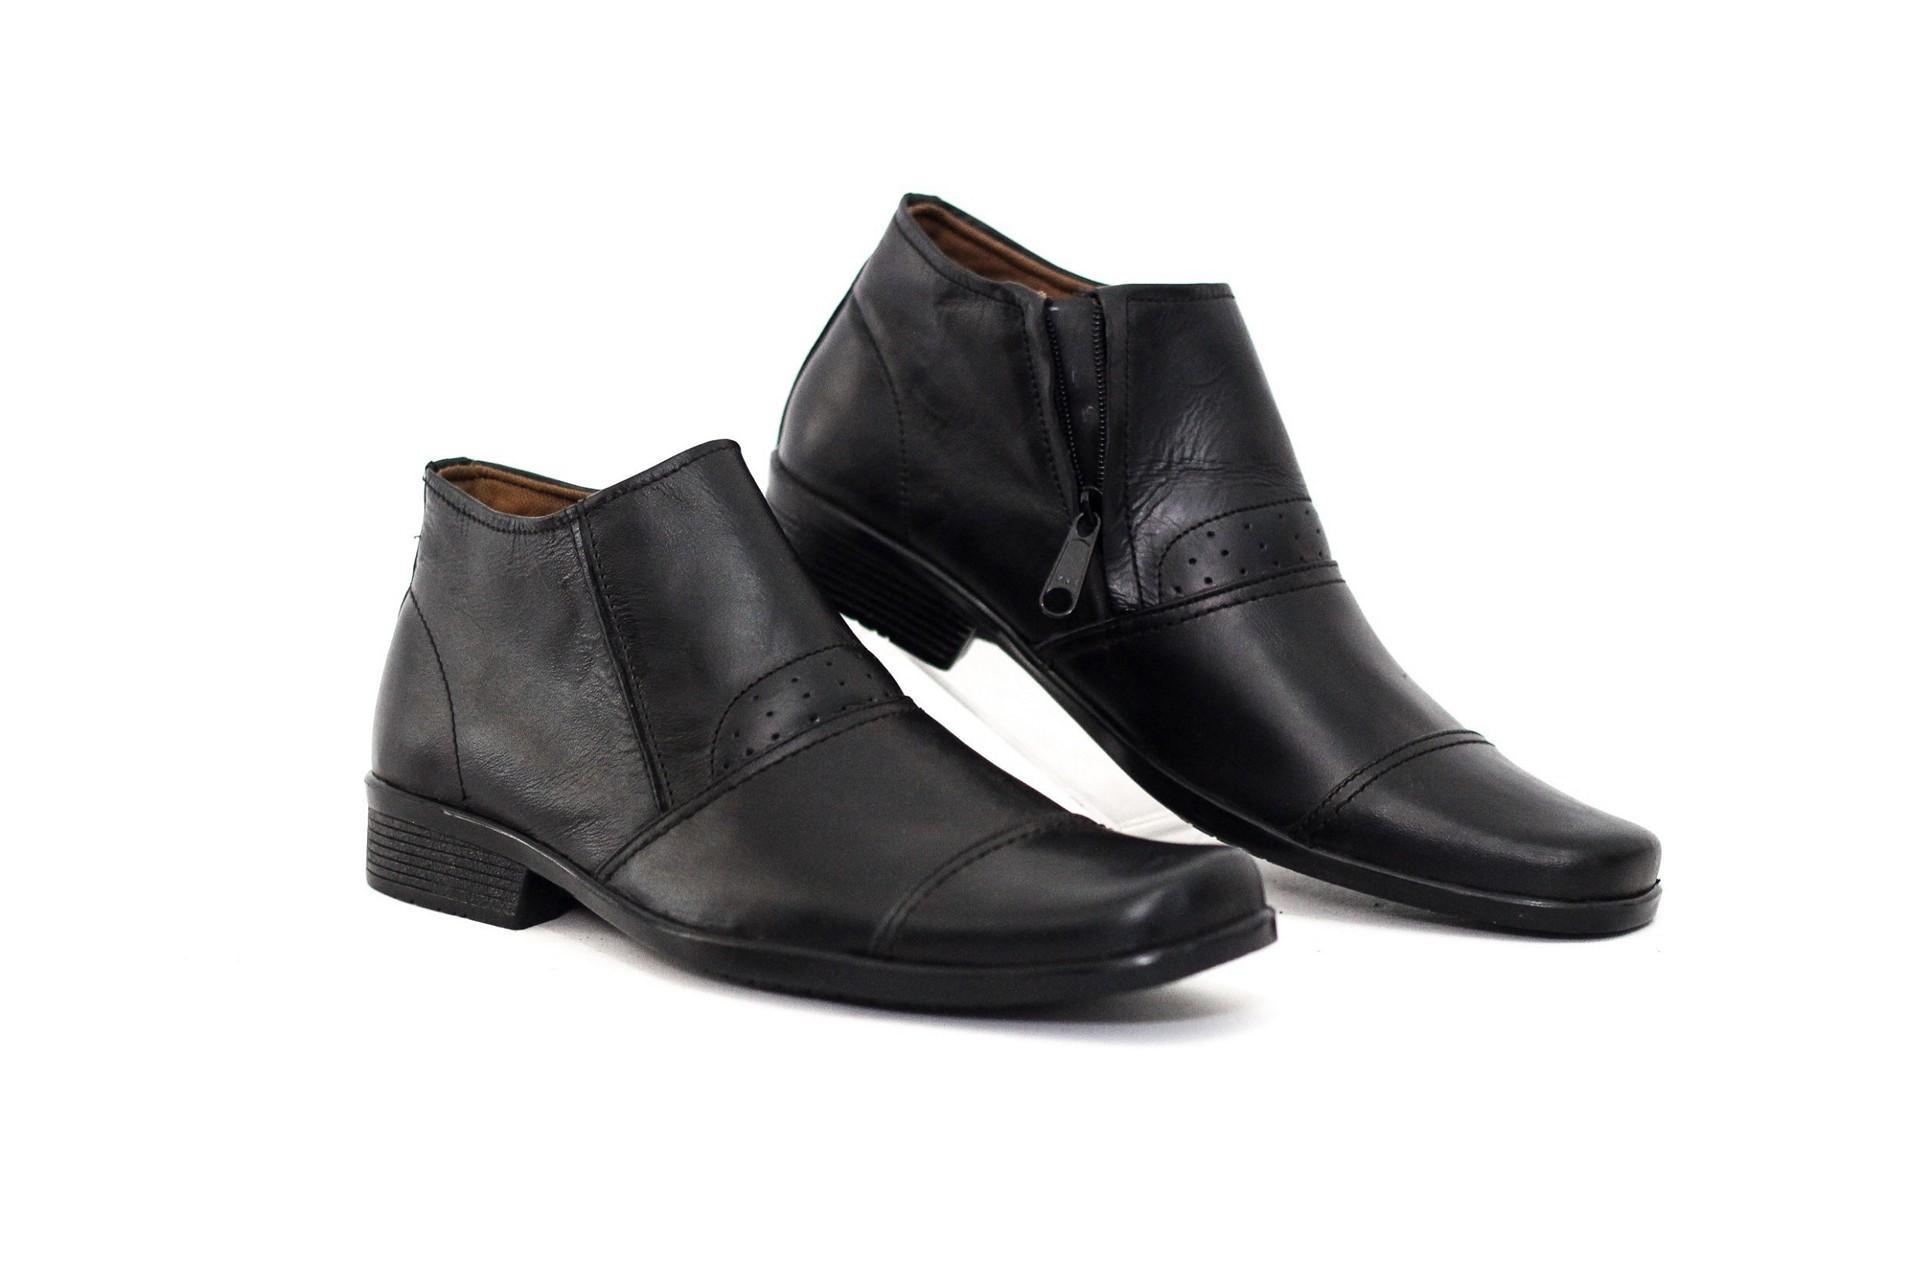 Cevany Footwear - Sepatu Pantofel Kulit Asli Semi Boot Resleting Samping Pria Kasual Formal GEOX U JAYLON ANKLE BOOTS BLACK YY018234